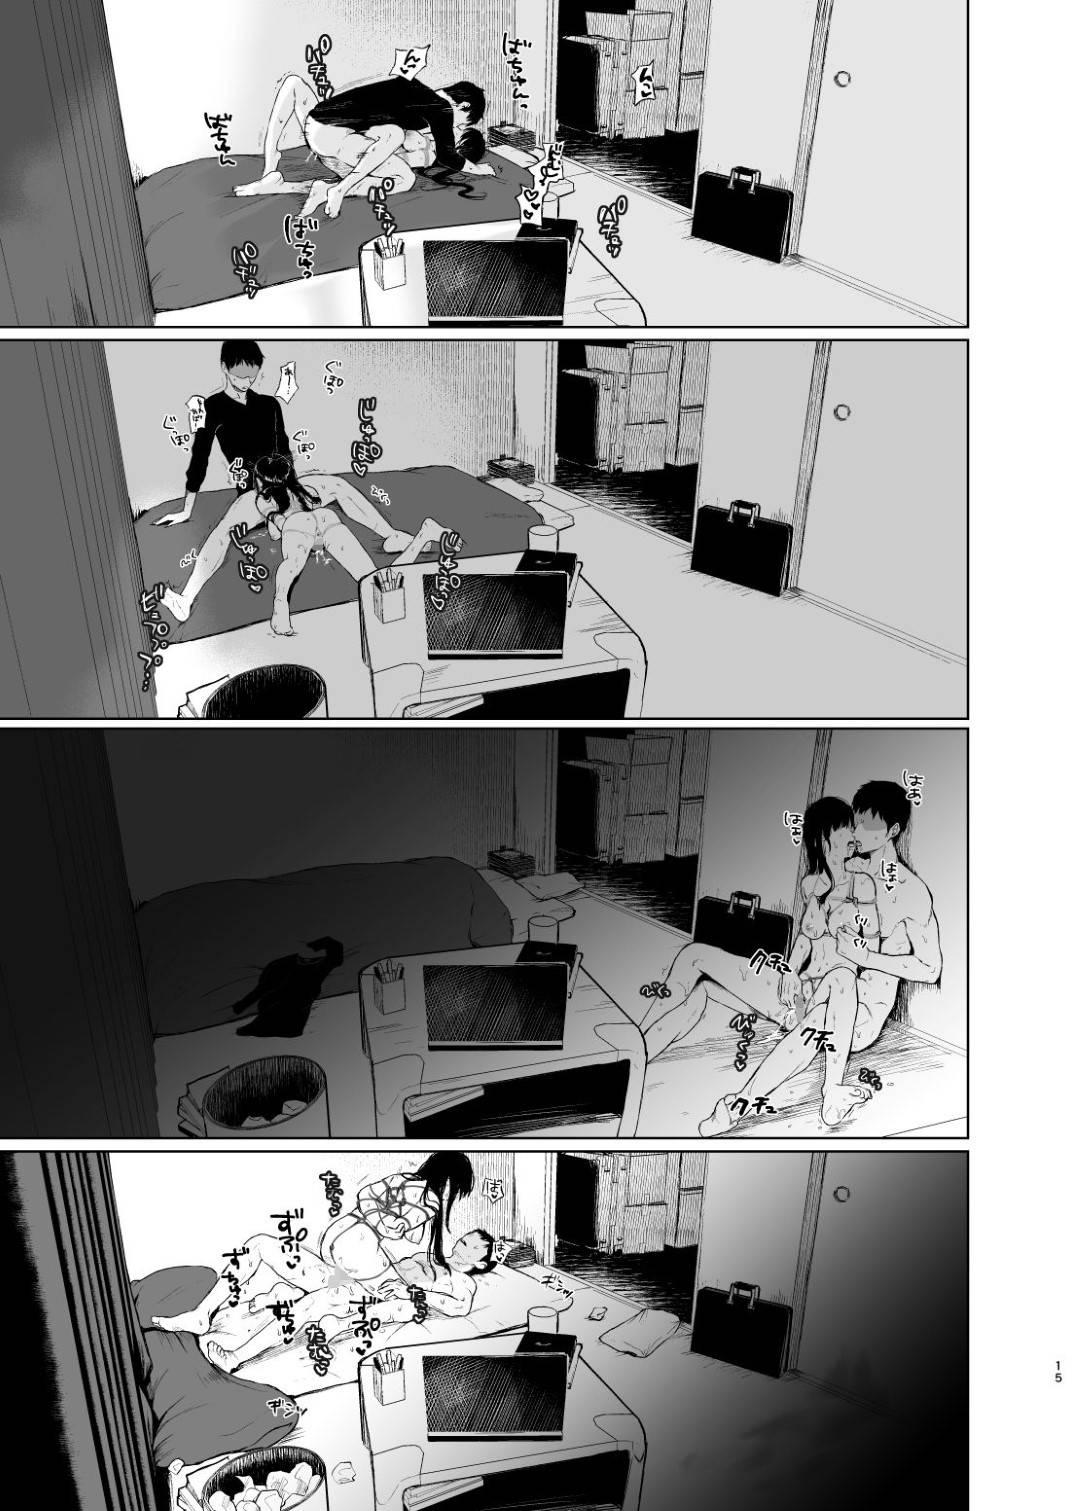 【エロ同人誌】引っ越してきたばかりで散らかっている兄の部屋に上がる妹JC…数年前に一線を越えたことから逃げる兄に縄を差し出し自ら縛られる!【ななめの (おそまつ):おにいちゃんの、せいだよ】